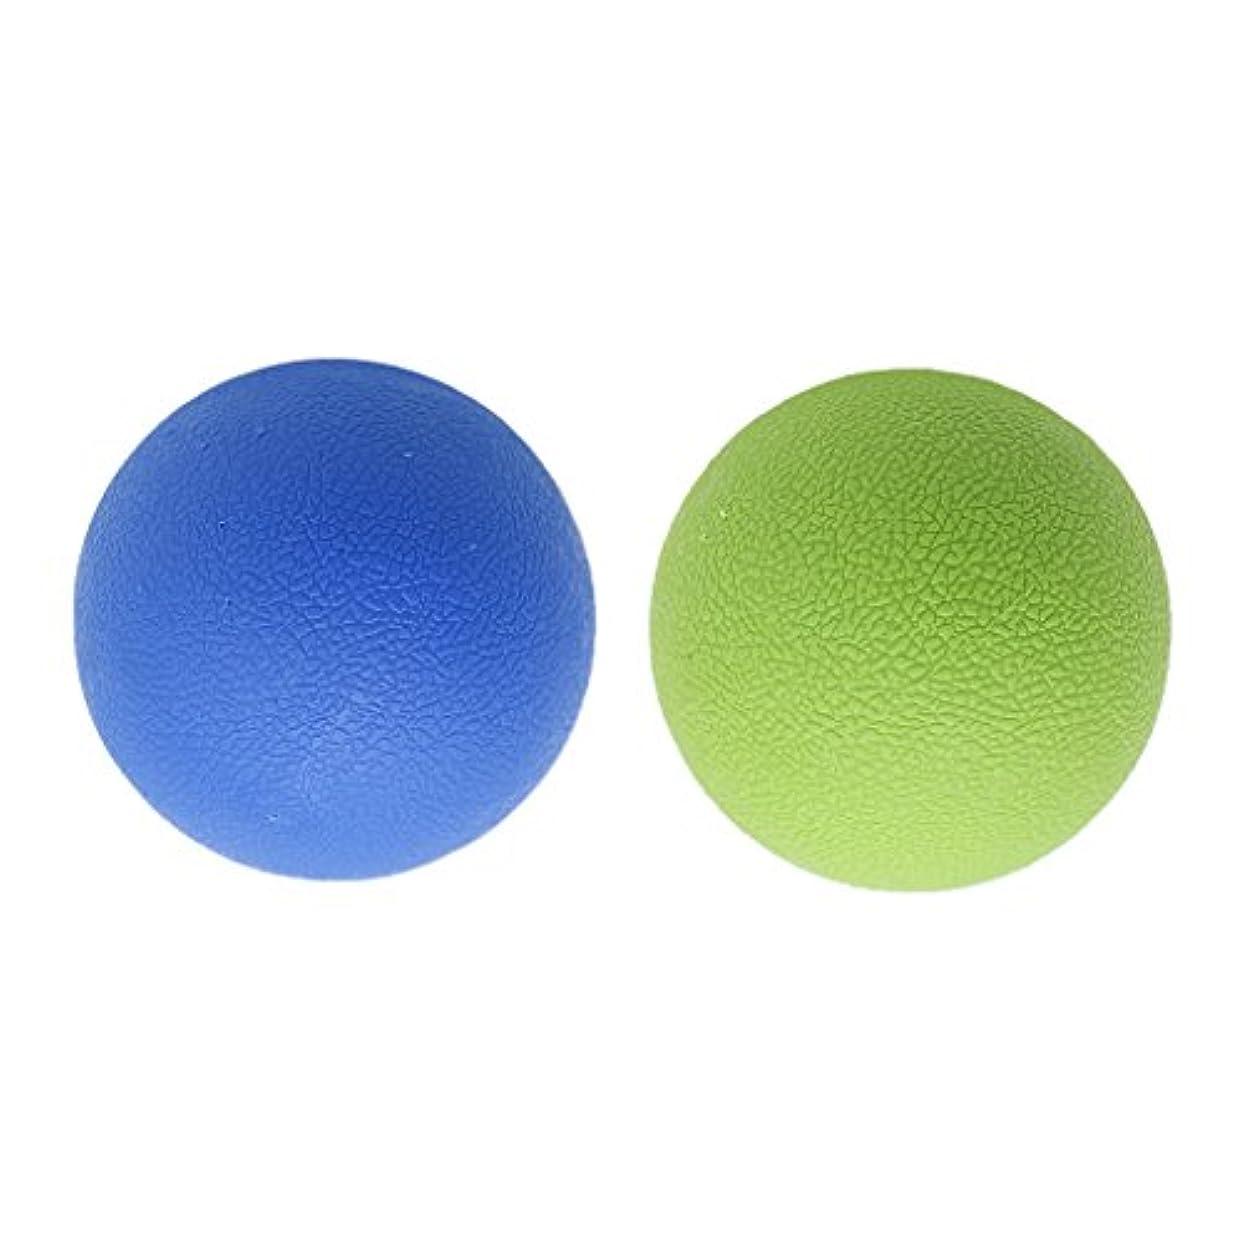 広く不測の事態年金Baoblaze 2個 マッサージボール ラクロスボール トリガ ポイントマッサージ 弾性TPE 多色選べる - ブルーグリーン